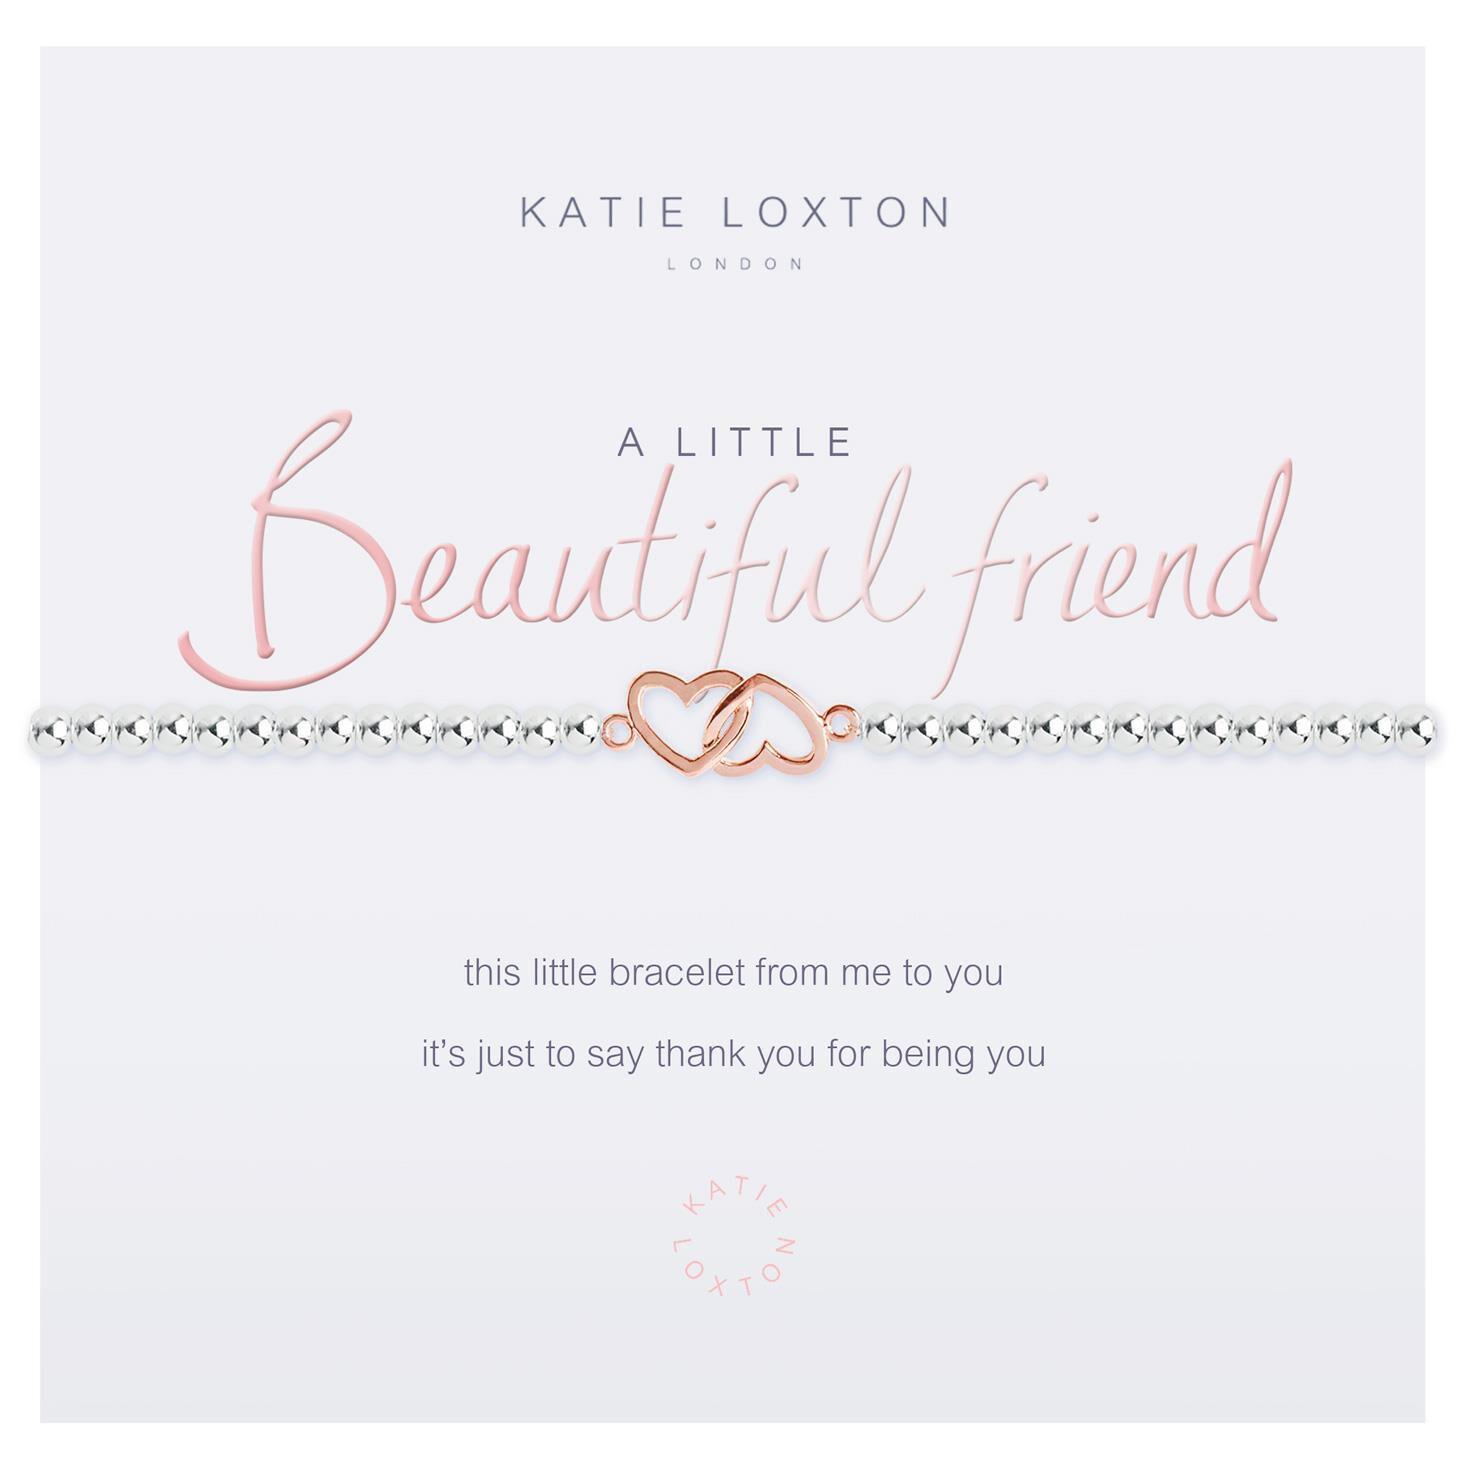 581053bd328f1 Katie Loxton A Little Beautiful Friend Silver Bracelet